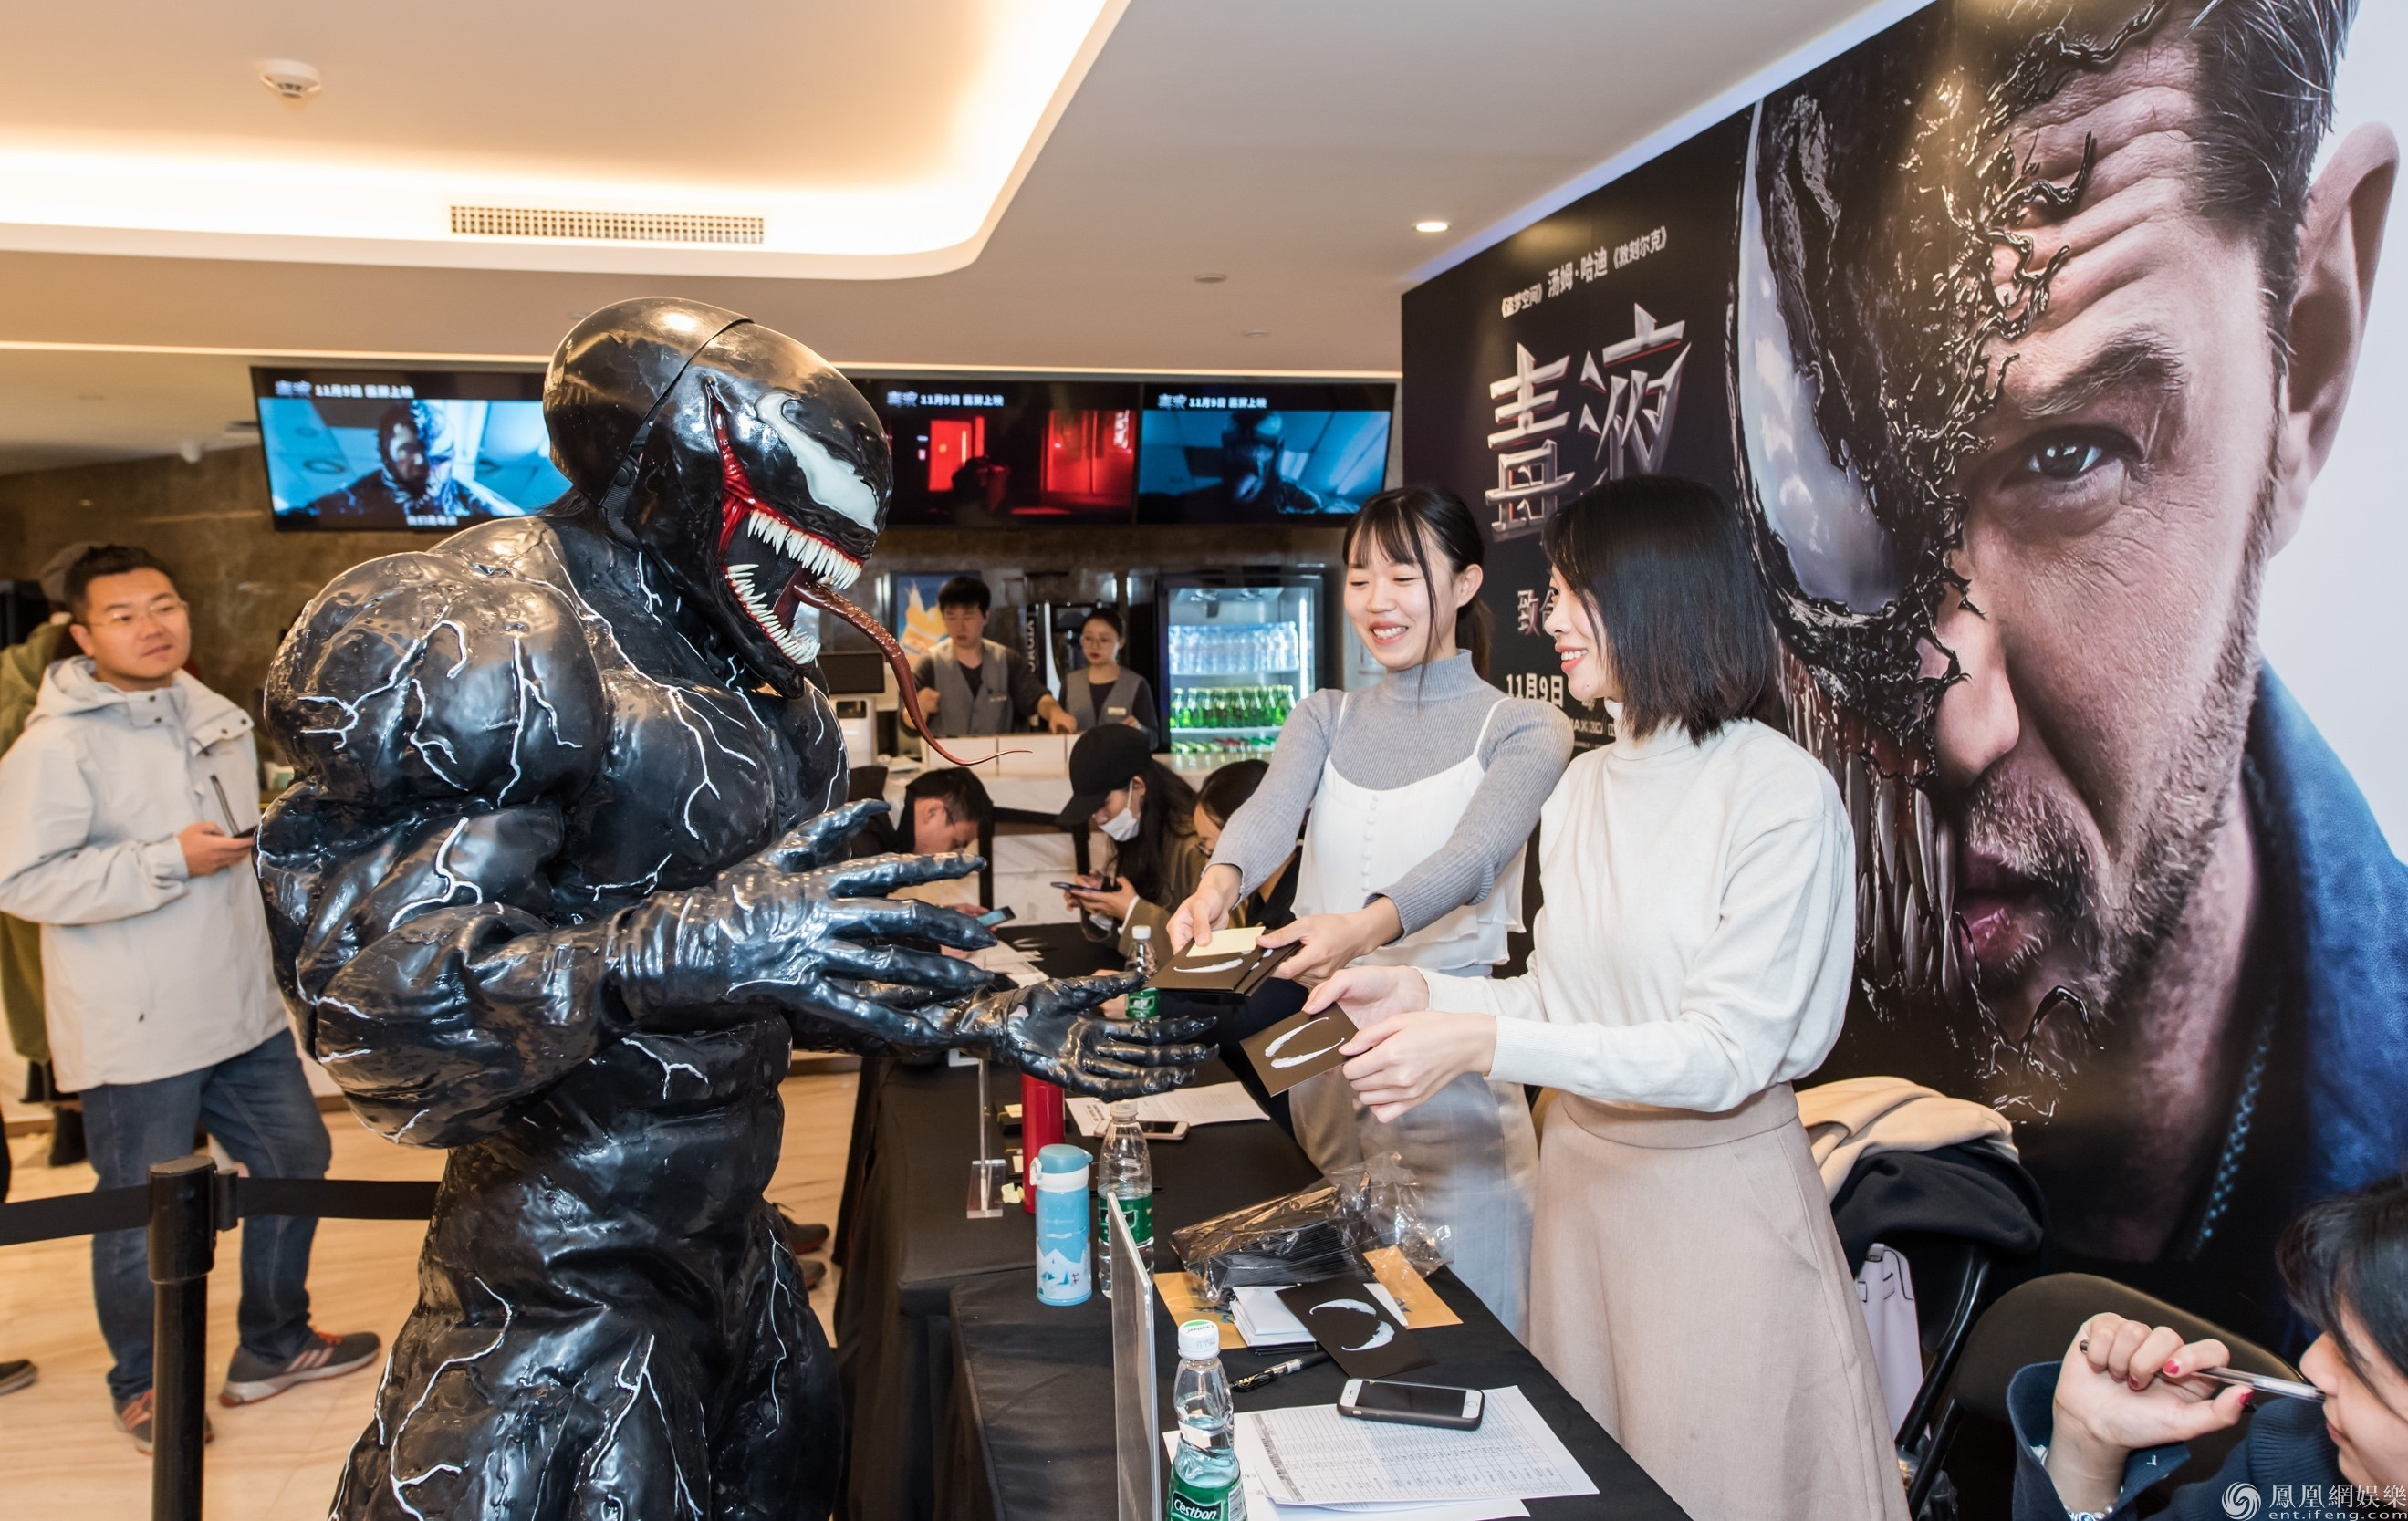 《毒液》中国首映火爆获赞 百场点映掀另类英雄狂潮